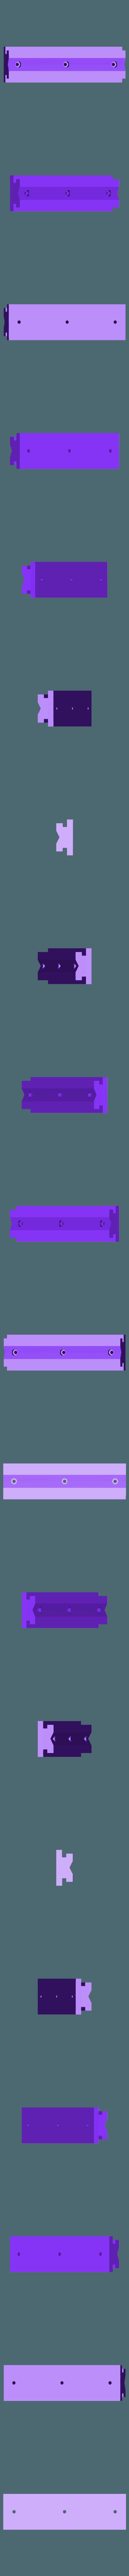 Base_Top_Mount_v4.stl Télécharger fichier STL gratuit Porte-bobine à centre ajustable • Design pour imprimante 3D, jonbourg